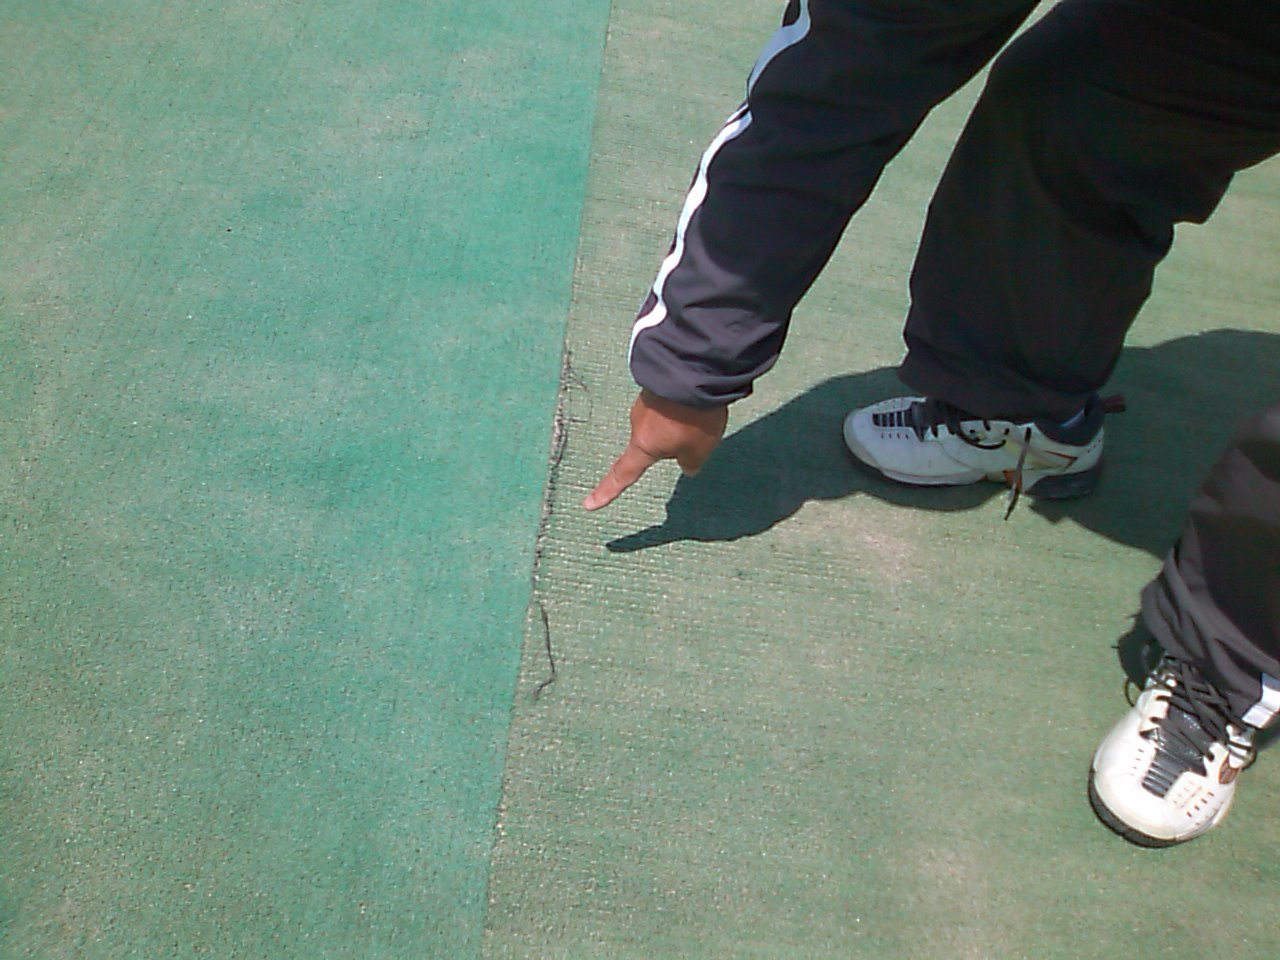 平テニスコートの大幅改修求め要望_e0068696_18115616.jpg